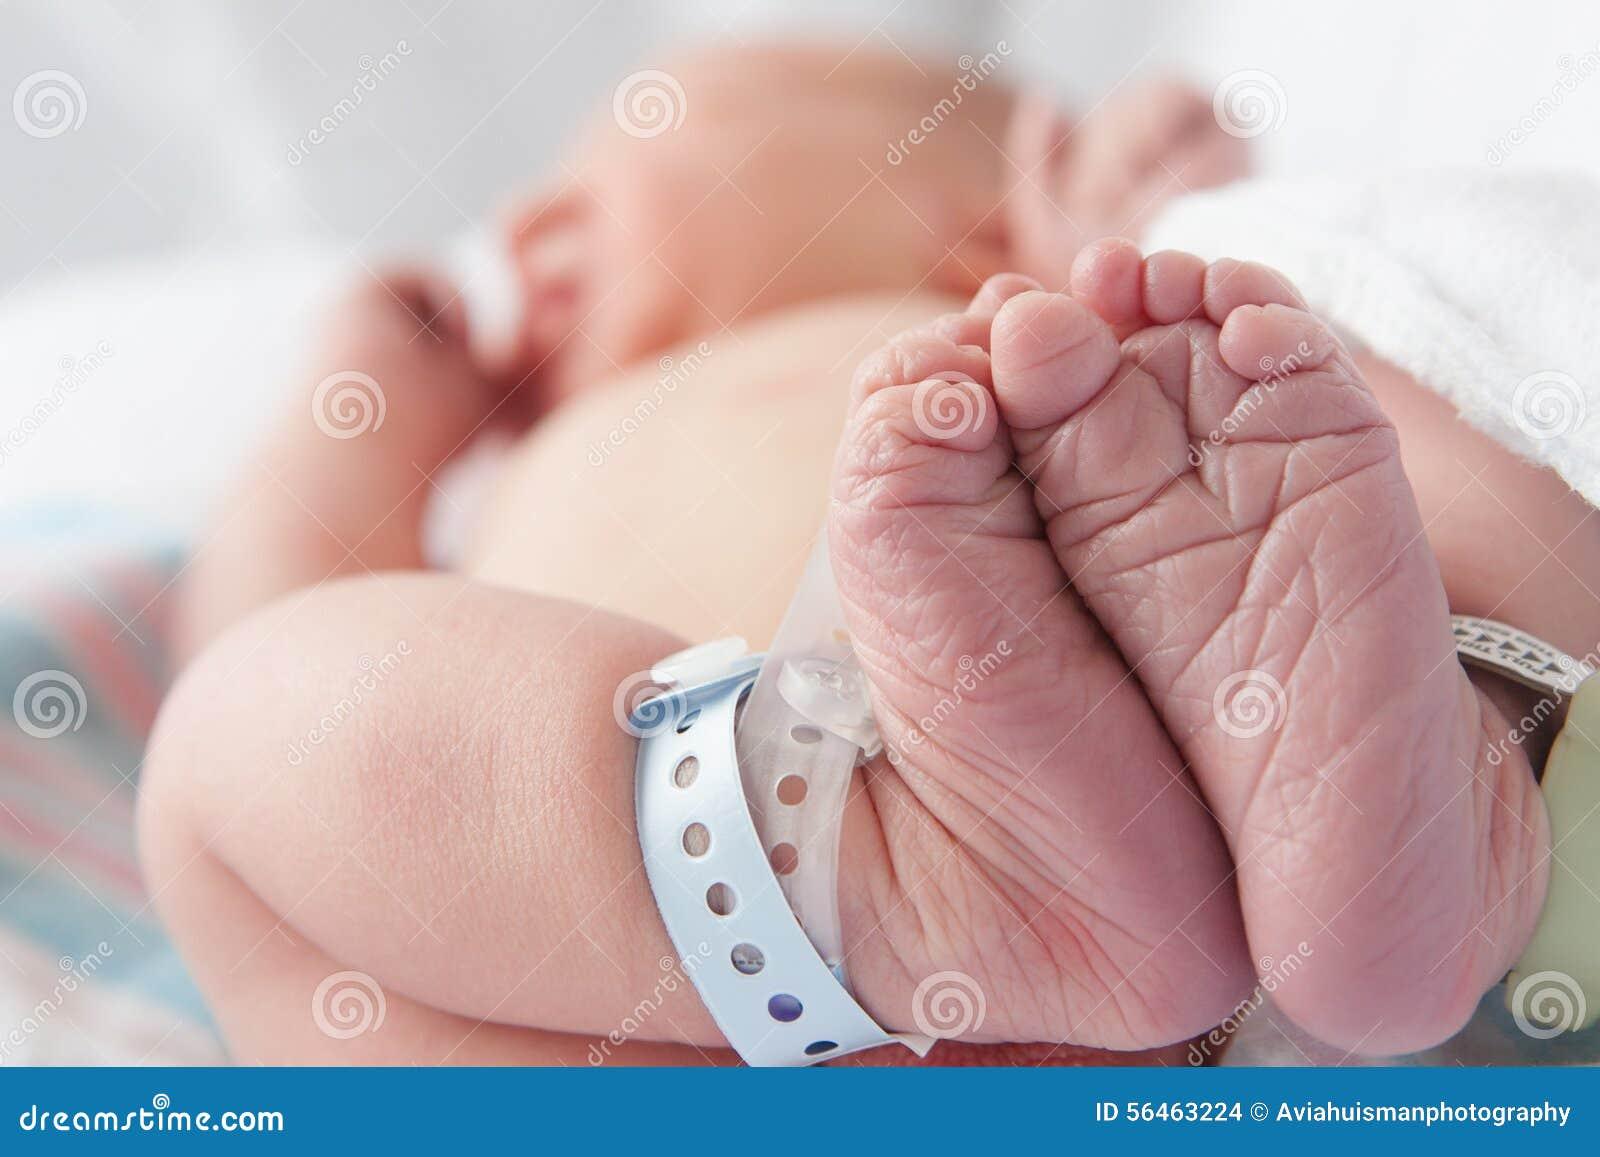 Pies recién nacidos